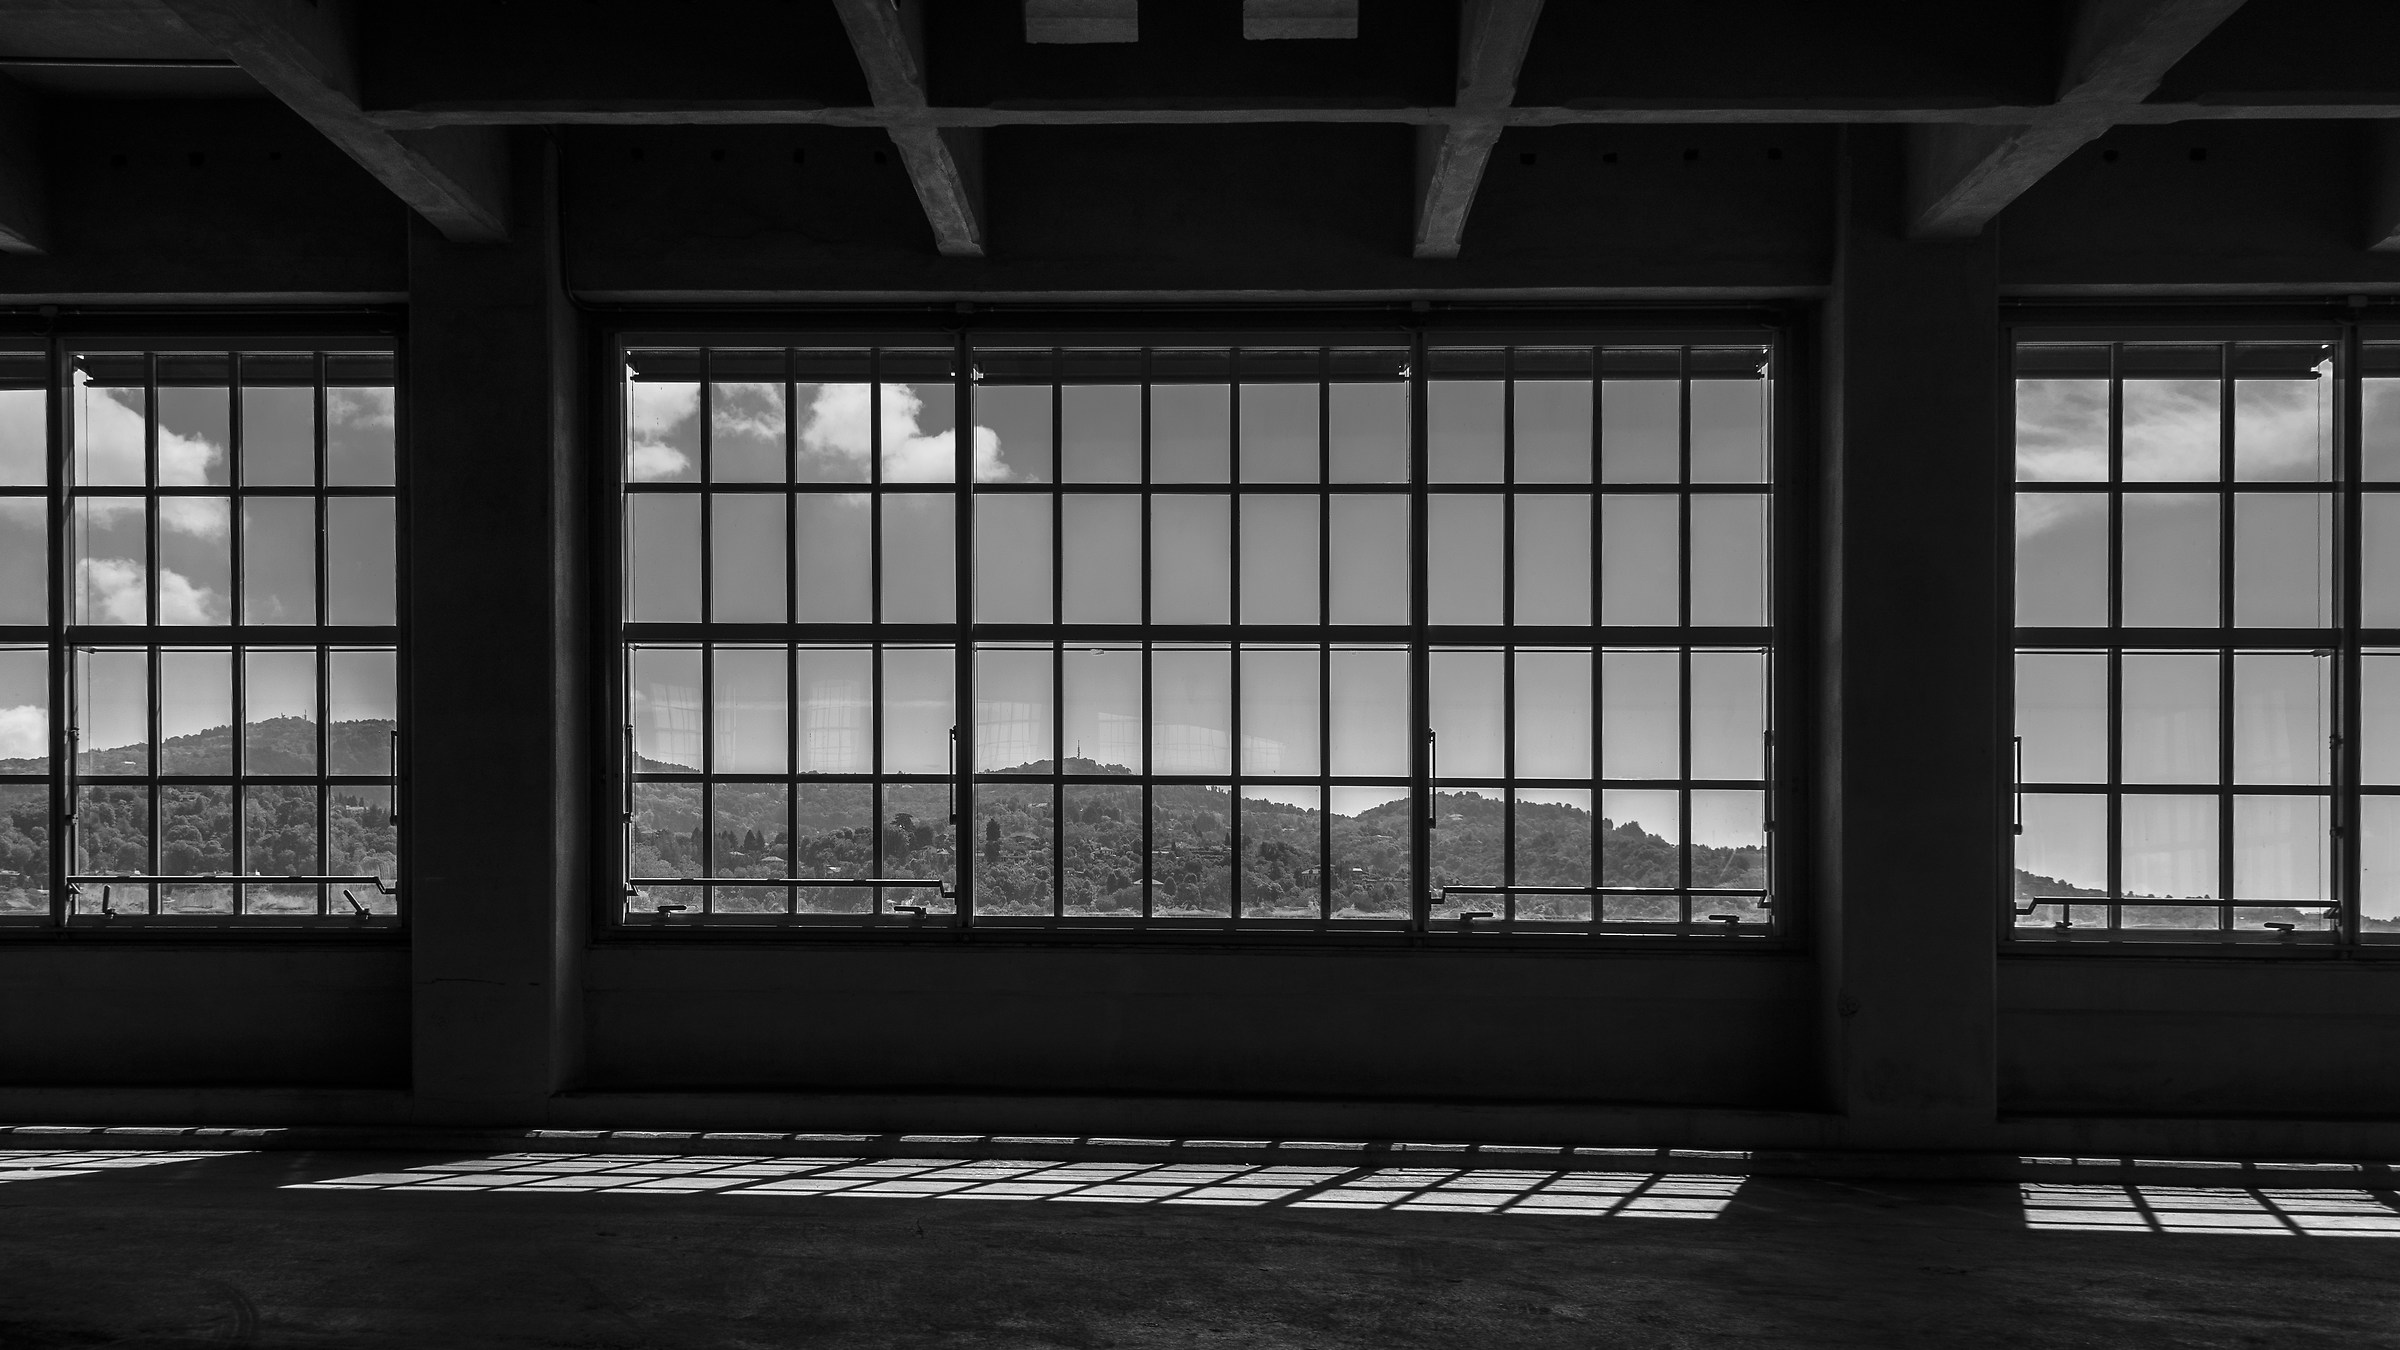 Una finestra sul mondo juzaphoto - Finestra sul mondo ...